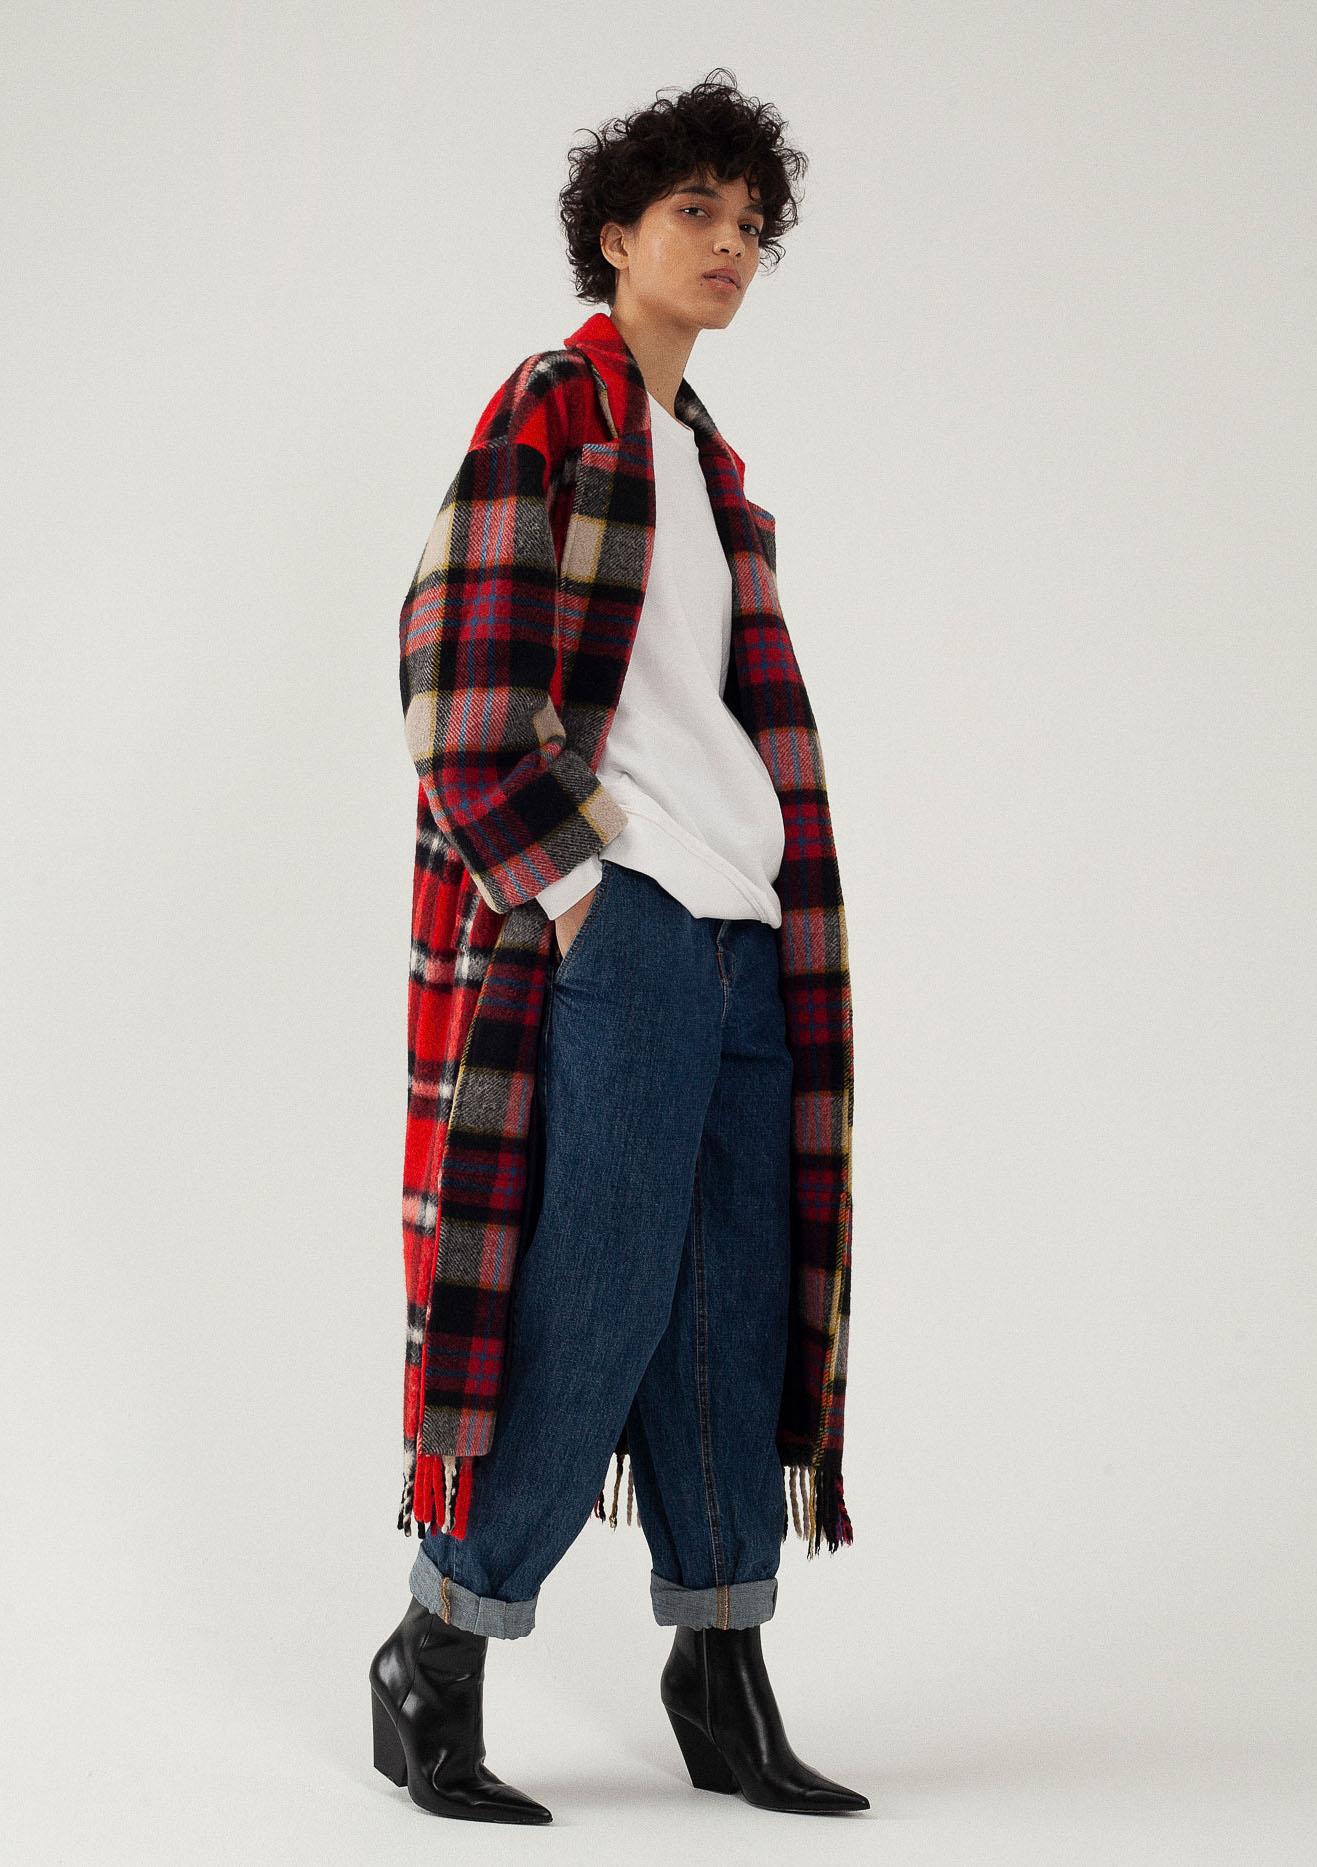 Manteau long en laine à carreaux rouges personnalisabe du créateur Tremblepierre - 3